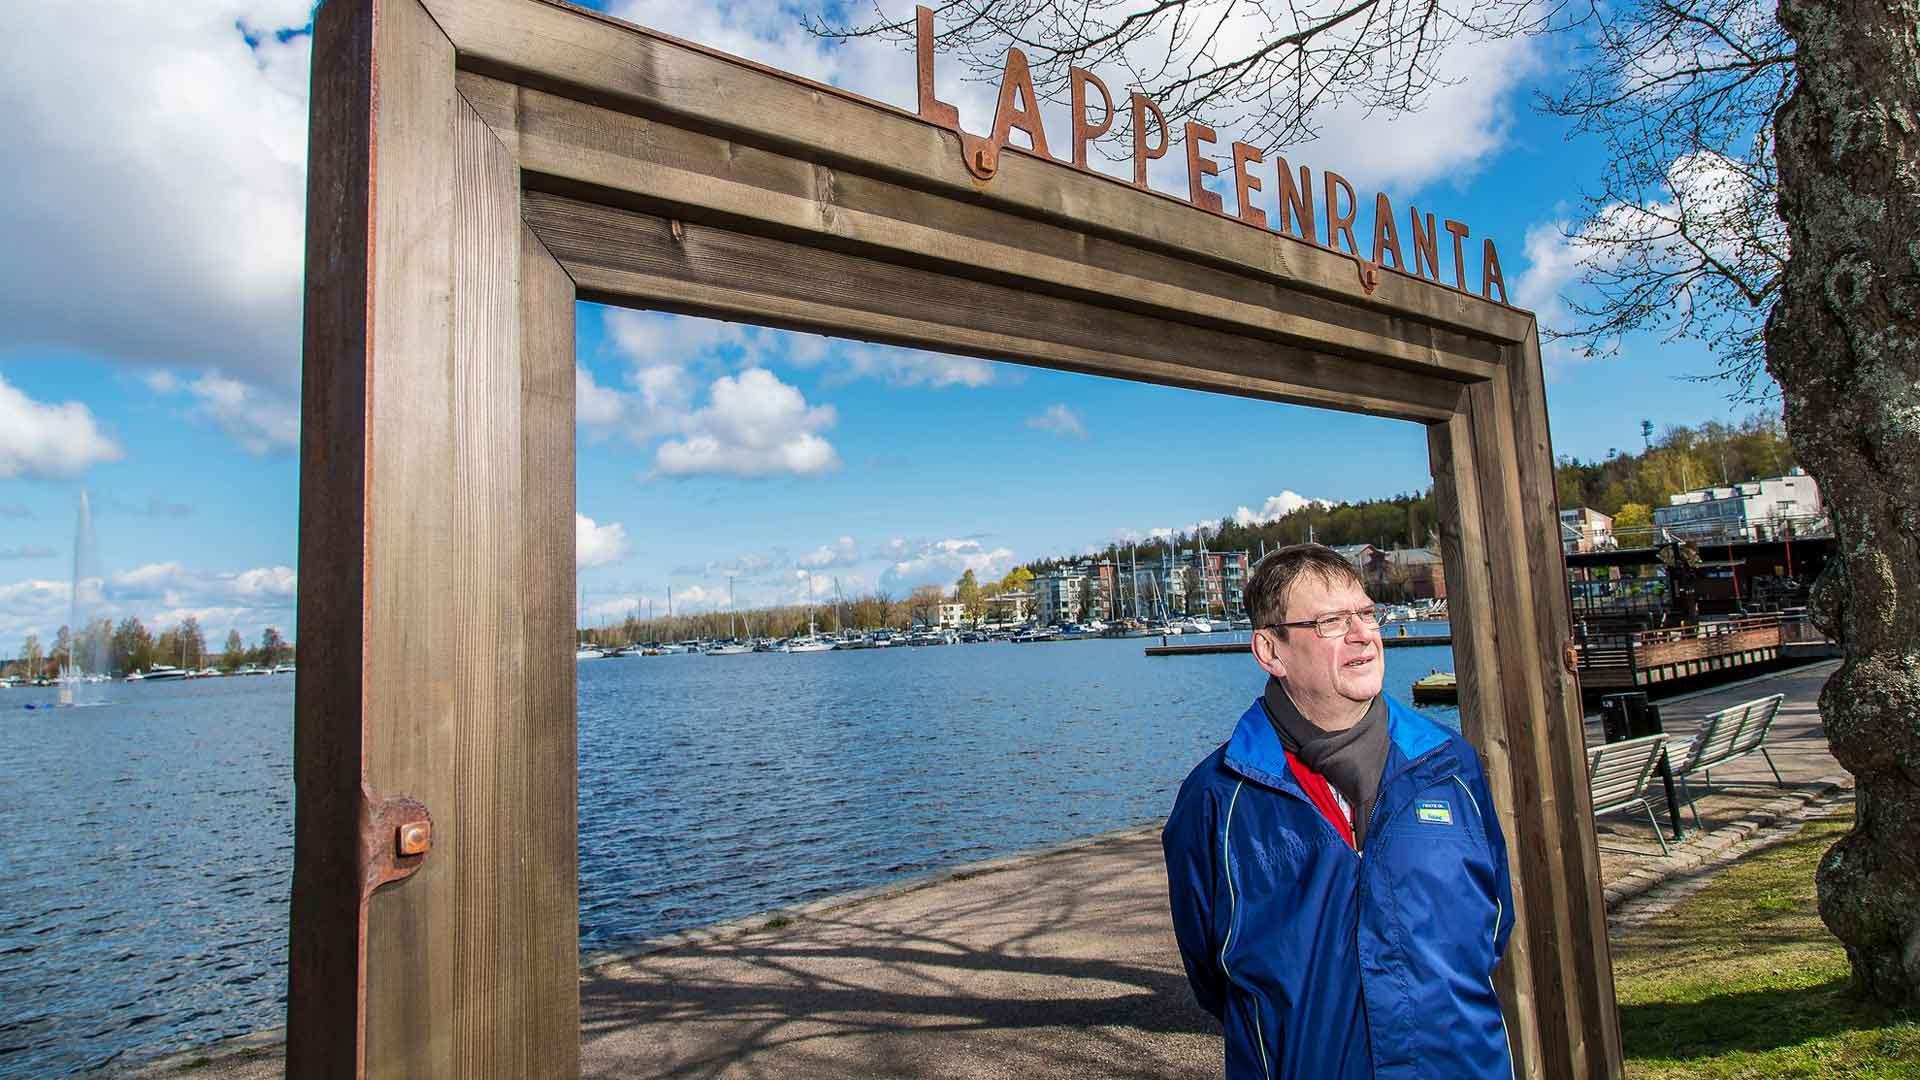 Tapio Särkkä muutti kaksikielisen perheensä kanssa kolme vuotta sitten Pietarista Lappeenrantaan, kun kaksostytöt aloittivat koulun. Satama on Lappeenrannassa Särkästä erityisen viehättävä paikka.